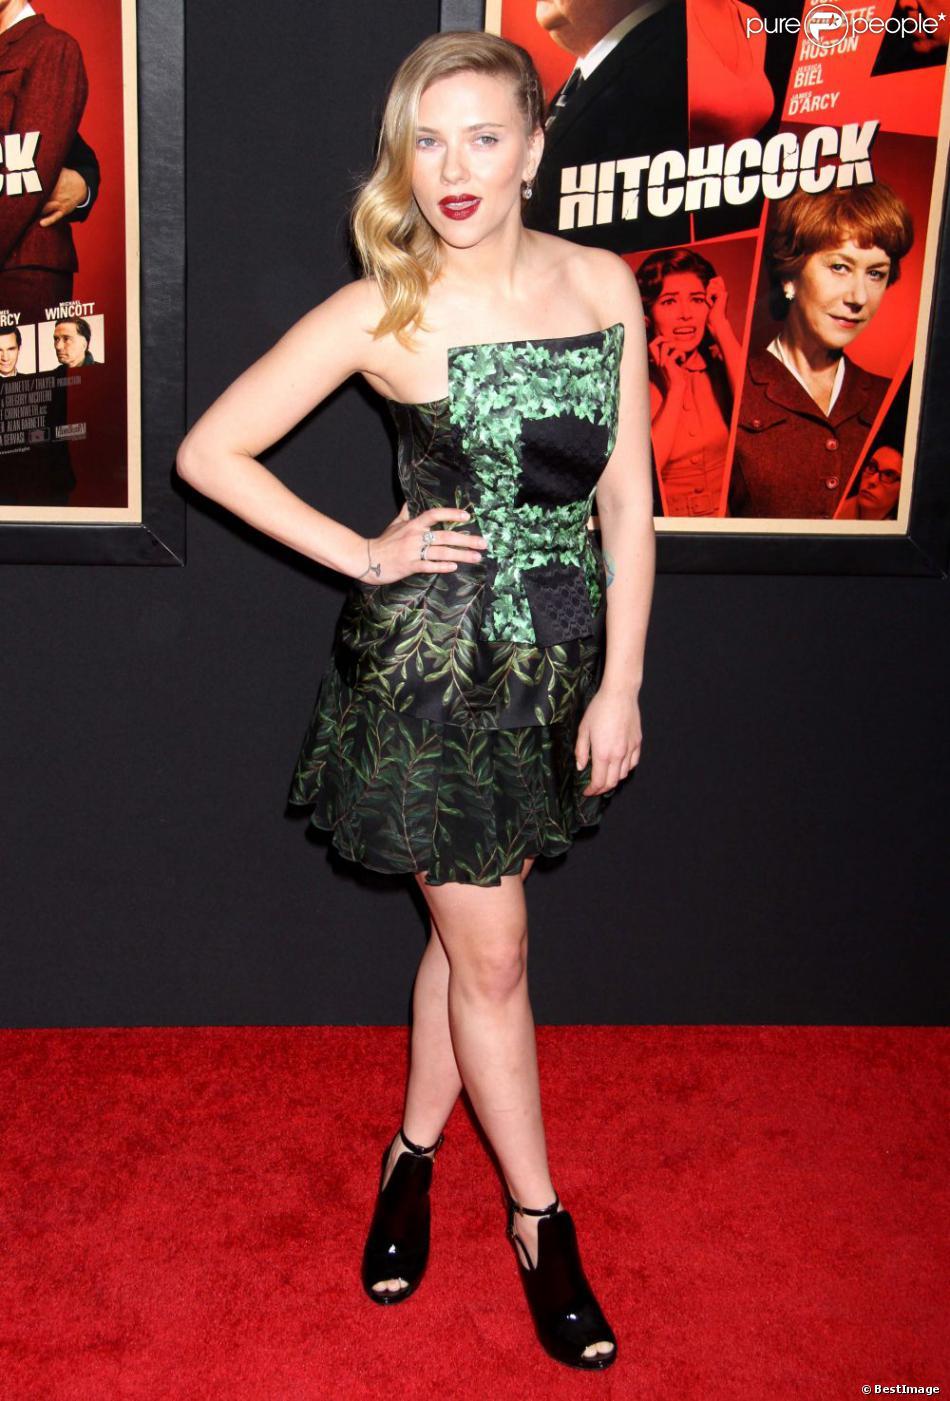 Scarlett Johansson, électrique à souhait lors de la première du film  Hitchcock  à New York, le 18 novembre 2012.